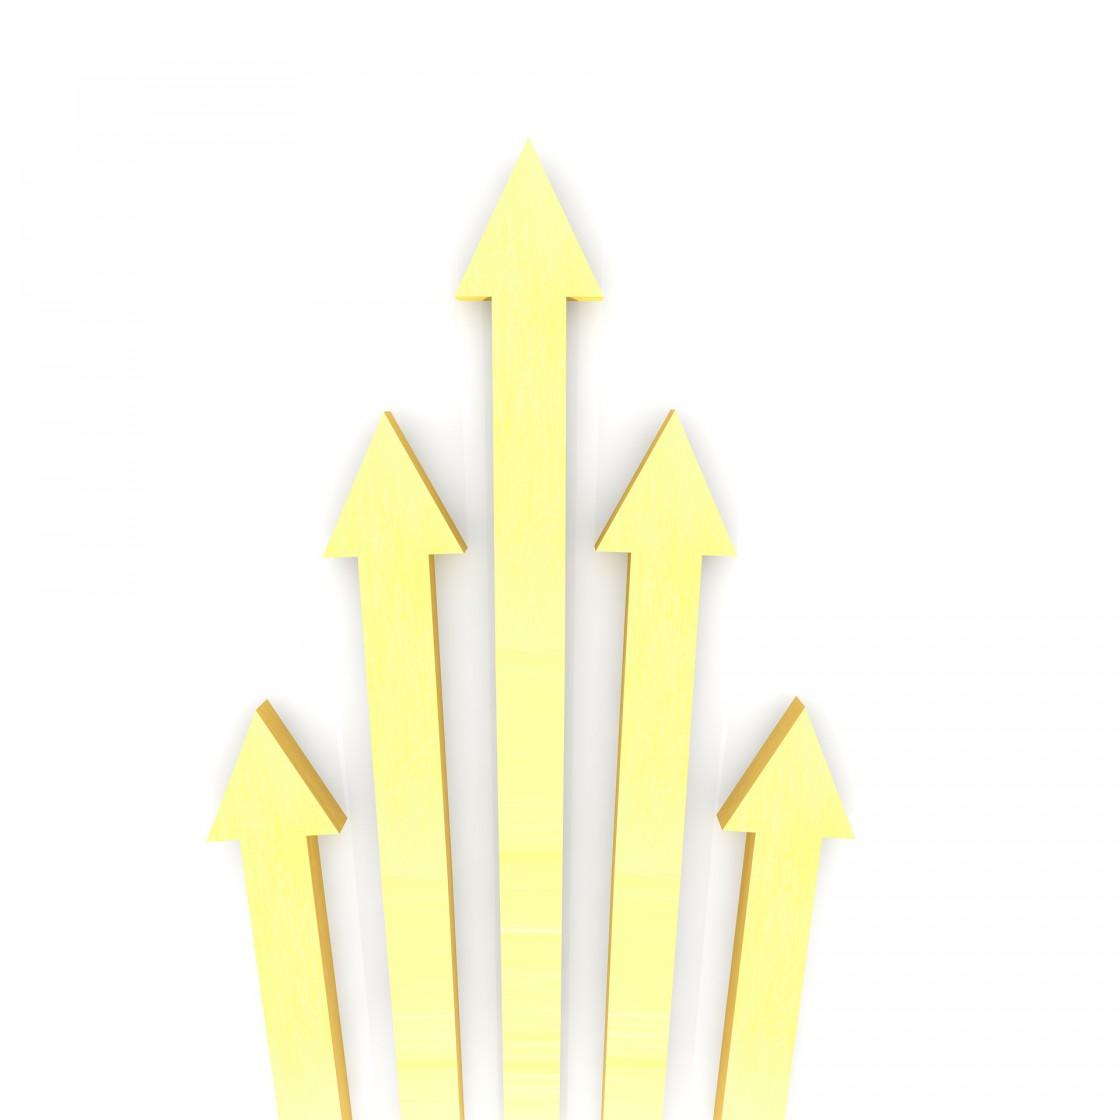 arrows-1027271_1920